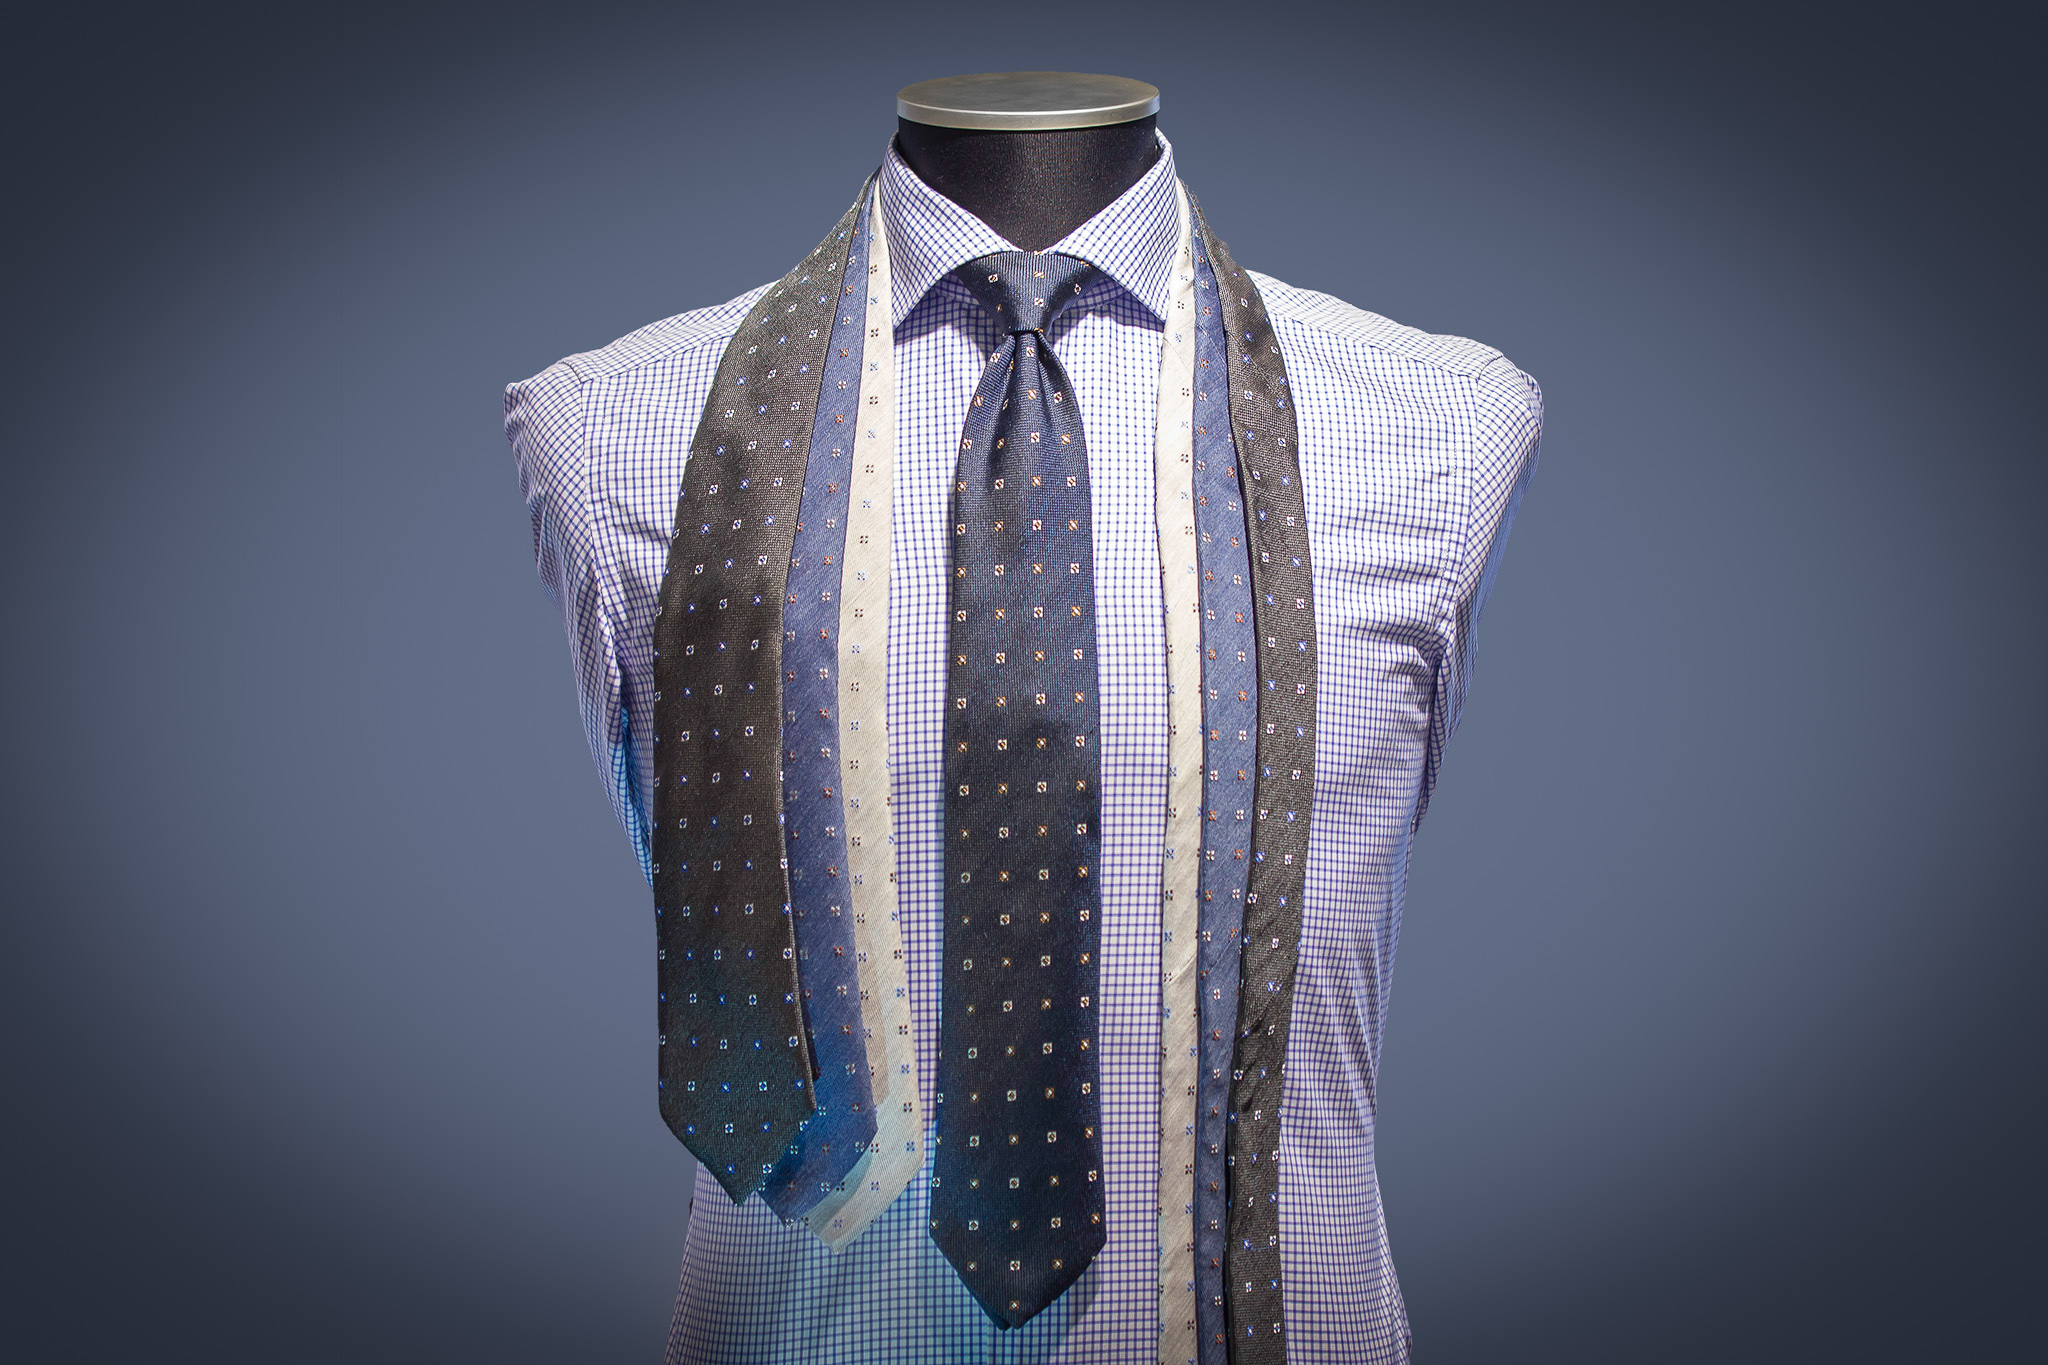 Hvit skjorte med slips svart | Pascal | Skjorter | Miinto.no